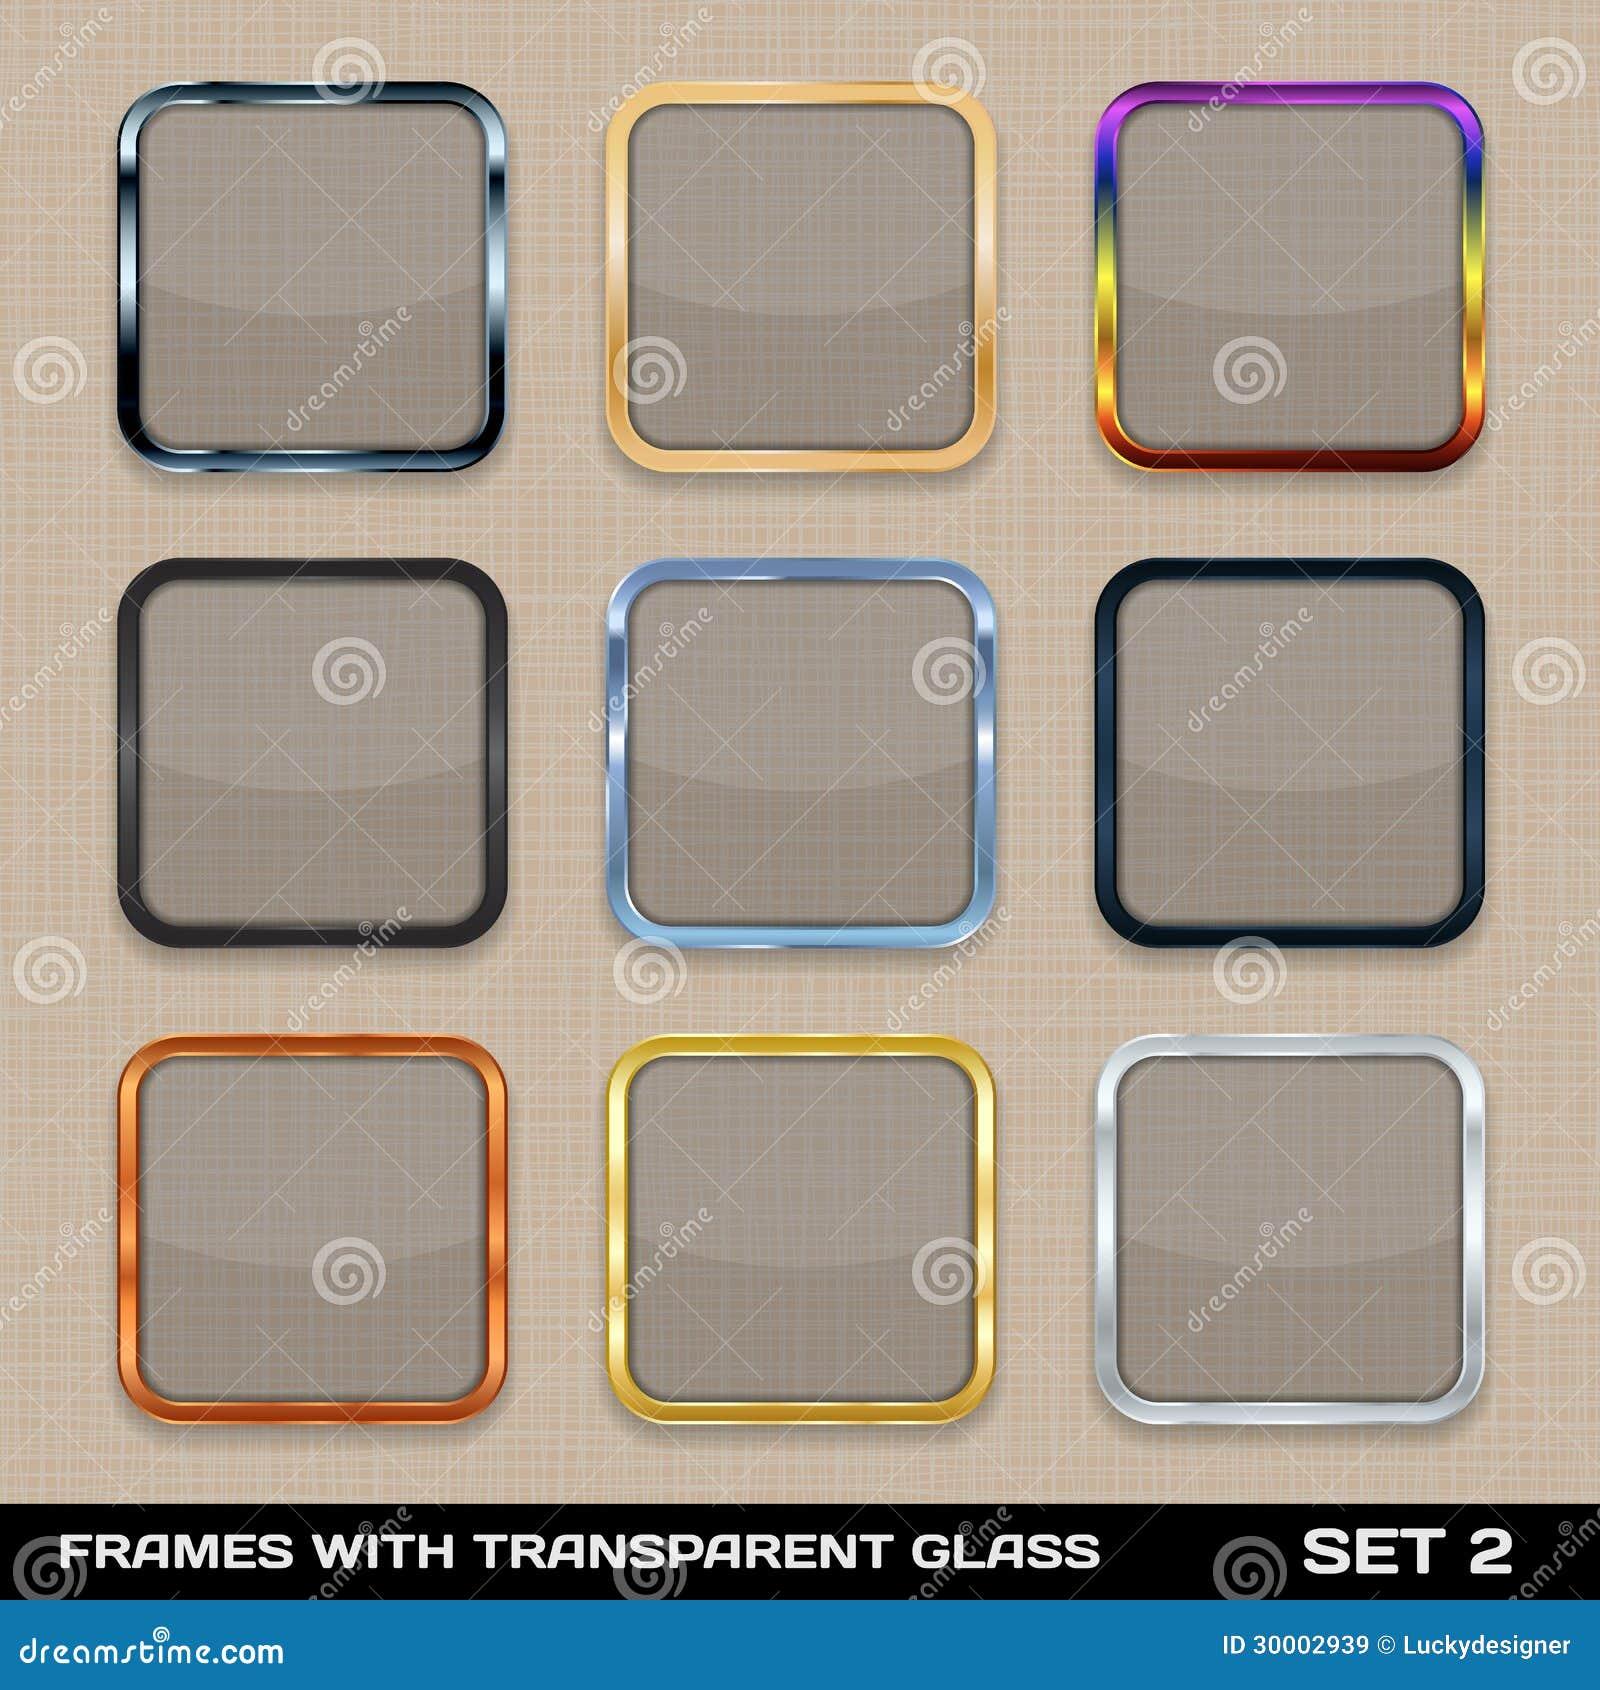 Fancy App For Frames Ideas - Picture Frame Ideas - stillhouseplants.info